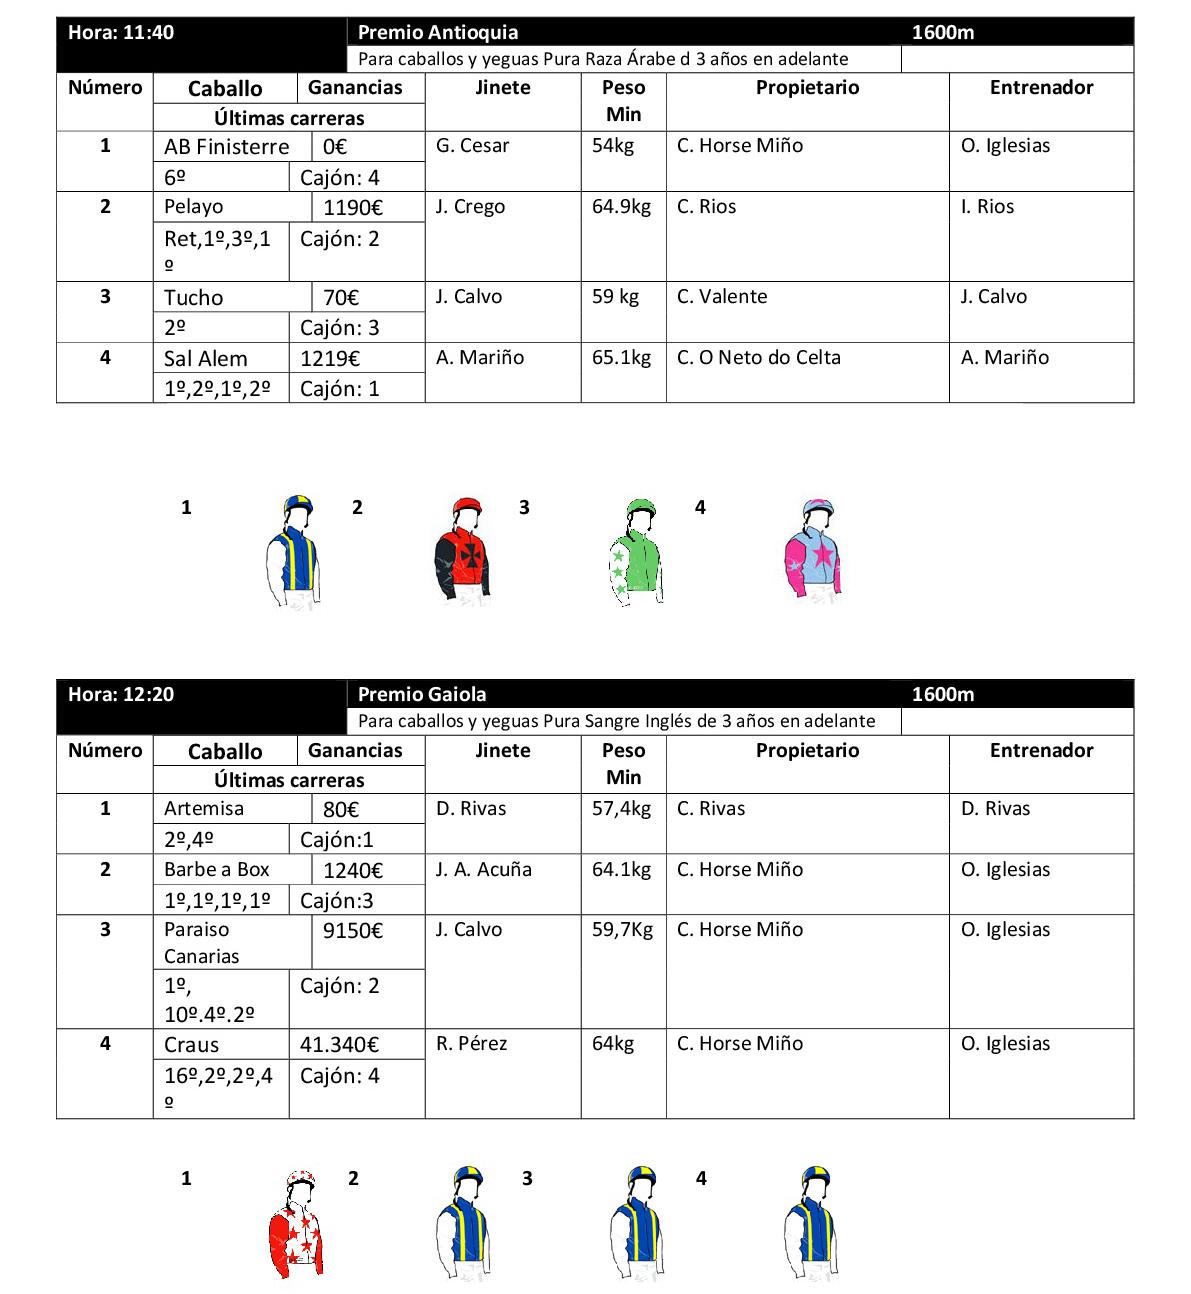 Participantes Premio Antioquía y Premio Gaiola 17 de junio/ Hipódromo de Antela